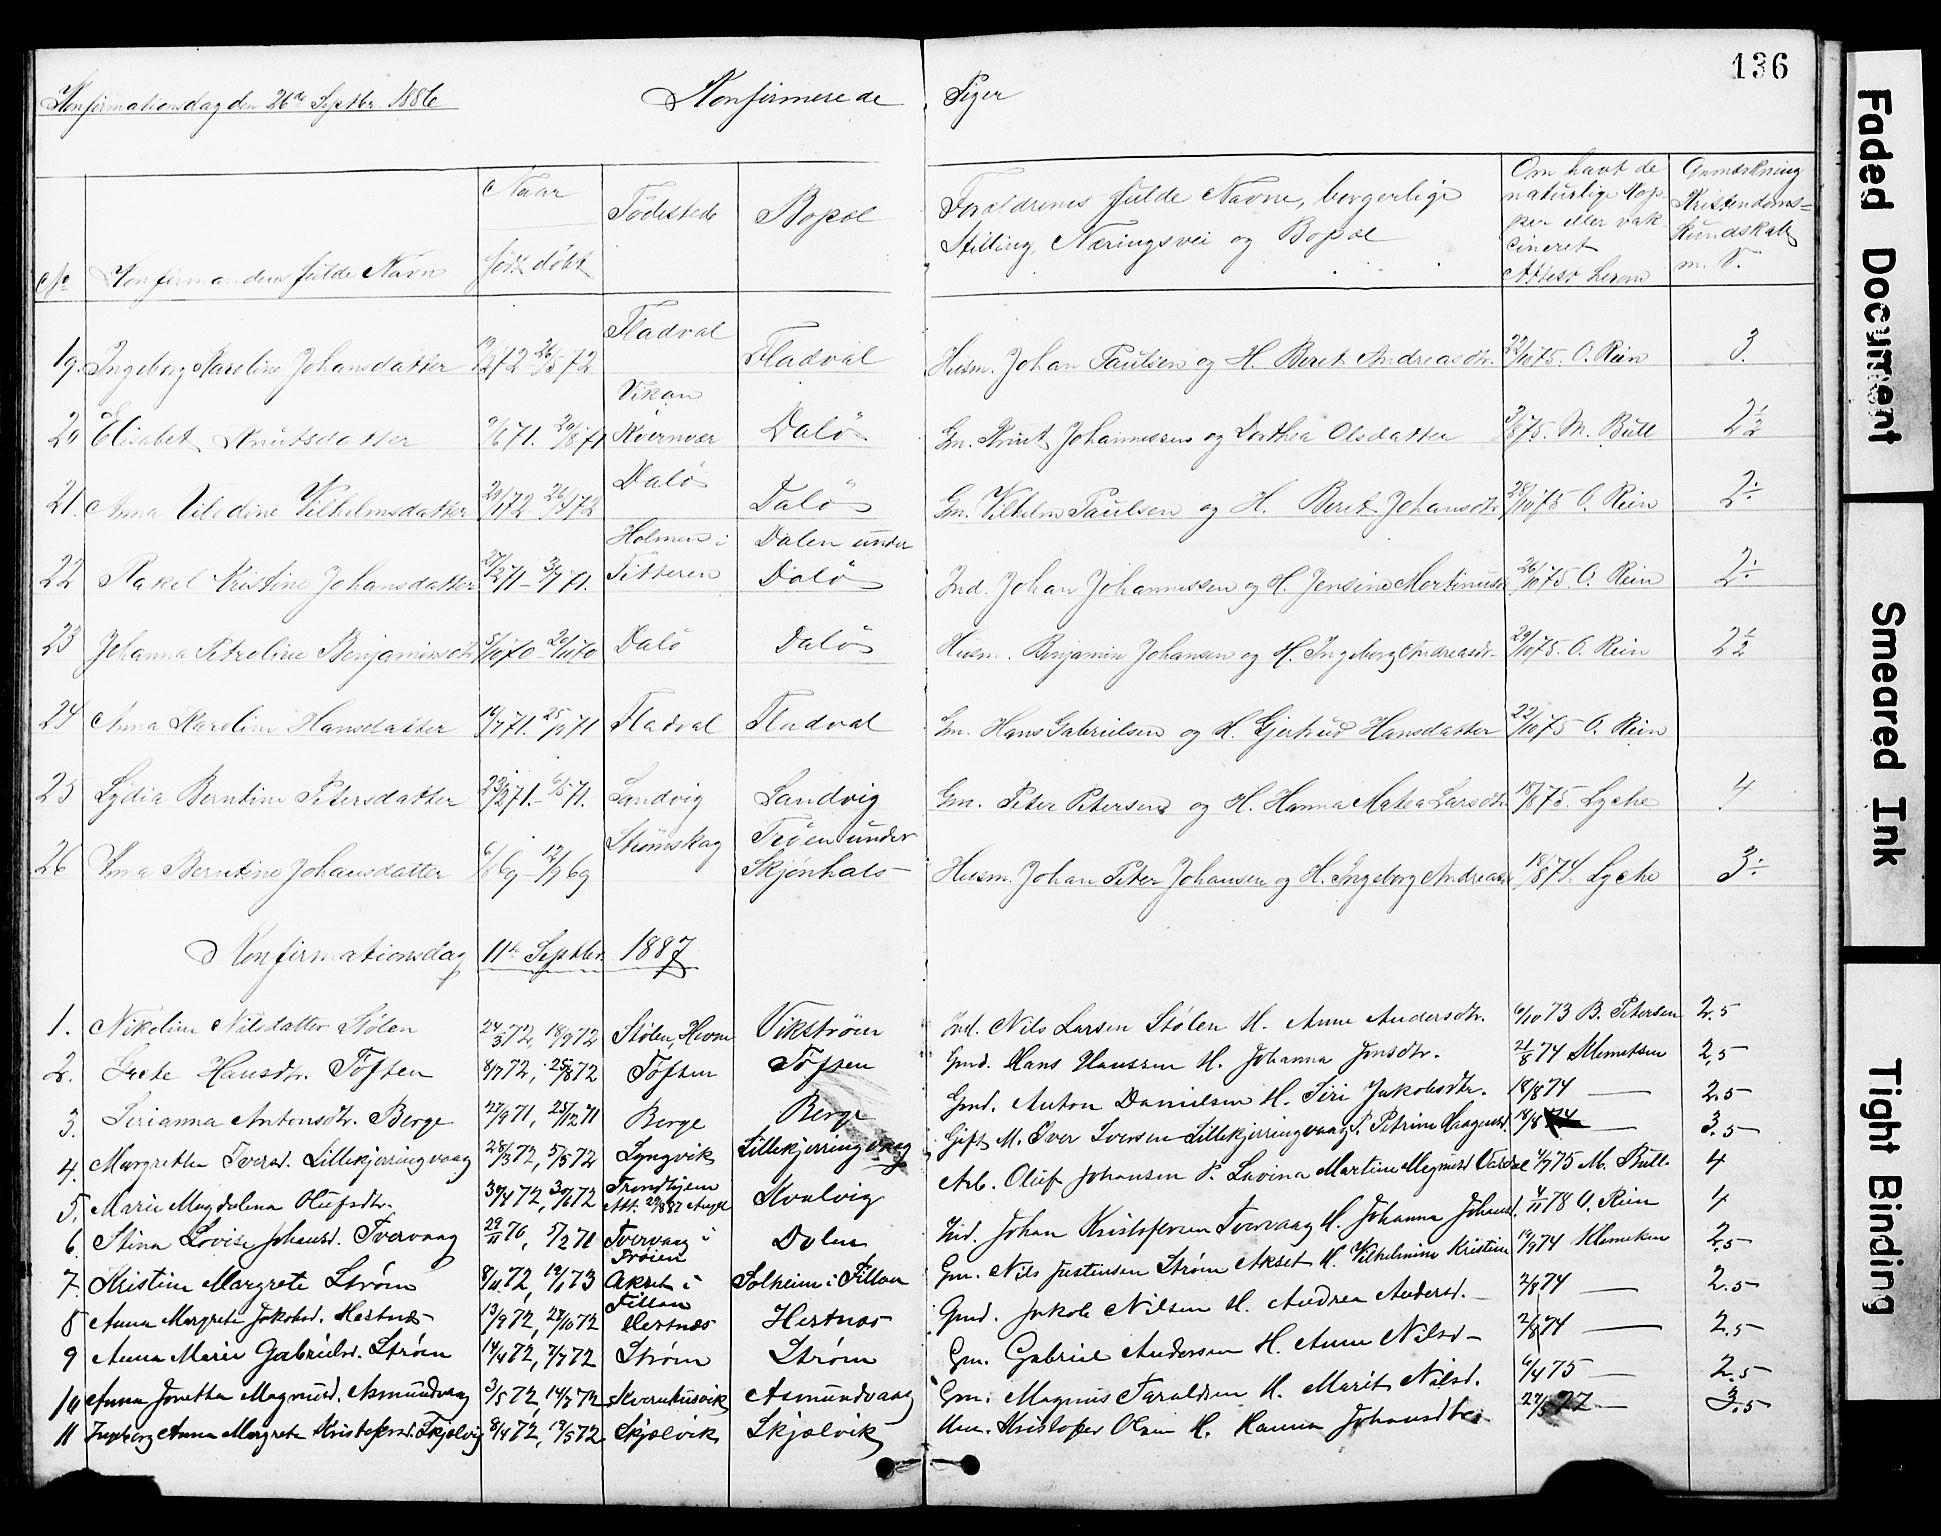 SAT, Ministerialprotokoller, klokkerbøker og fødselsregistre - Sør-Trøndelag, 634/L0541: Klokkerbok nr. 634C03, 1874-1891, s. 136